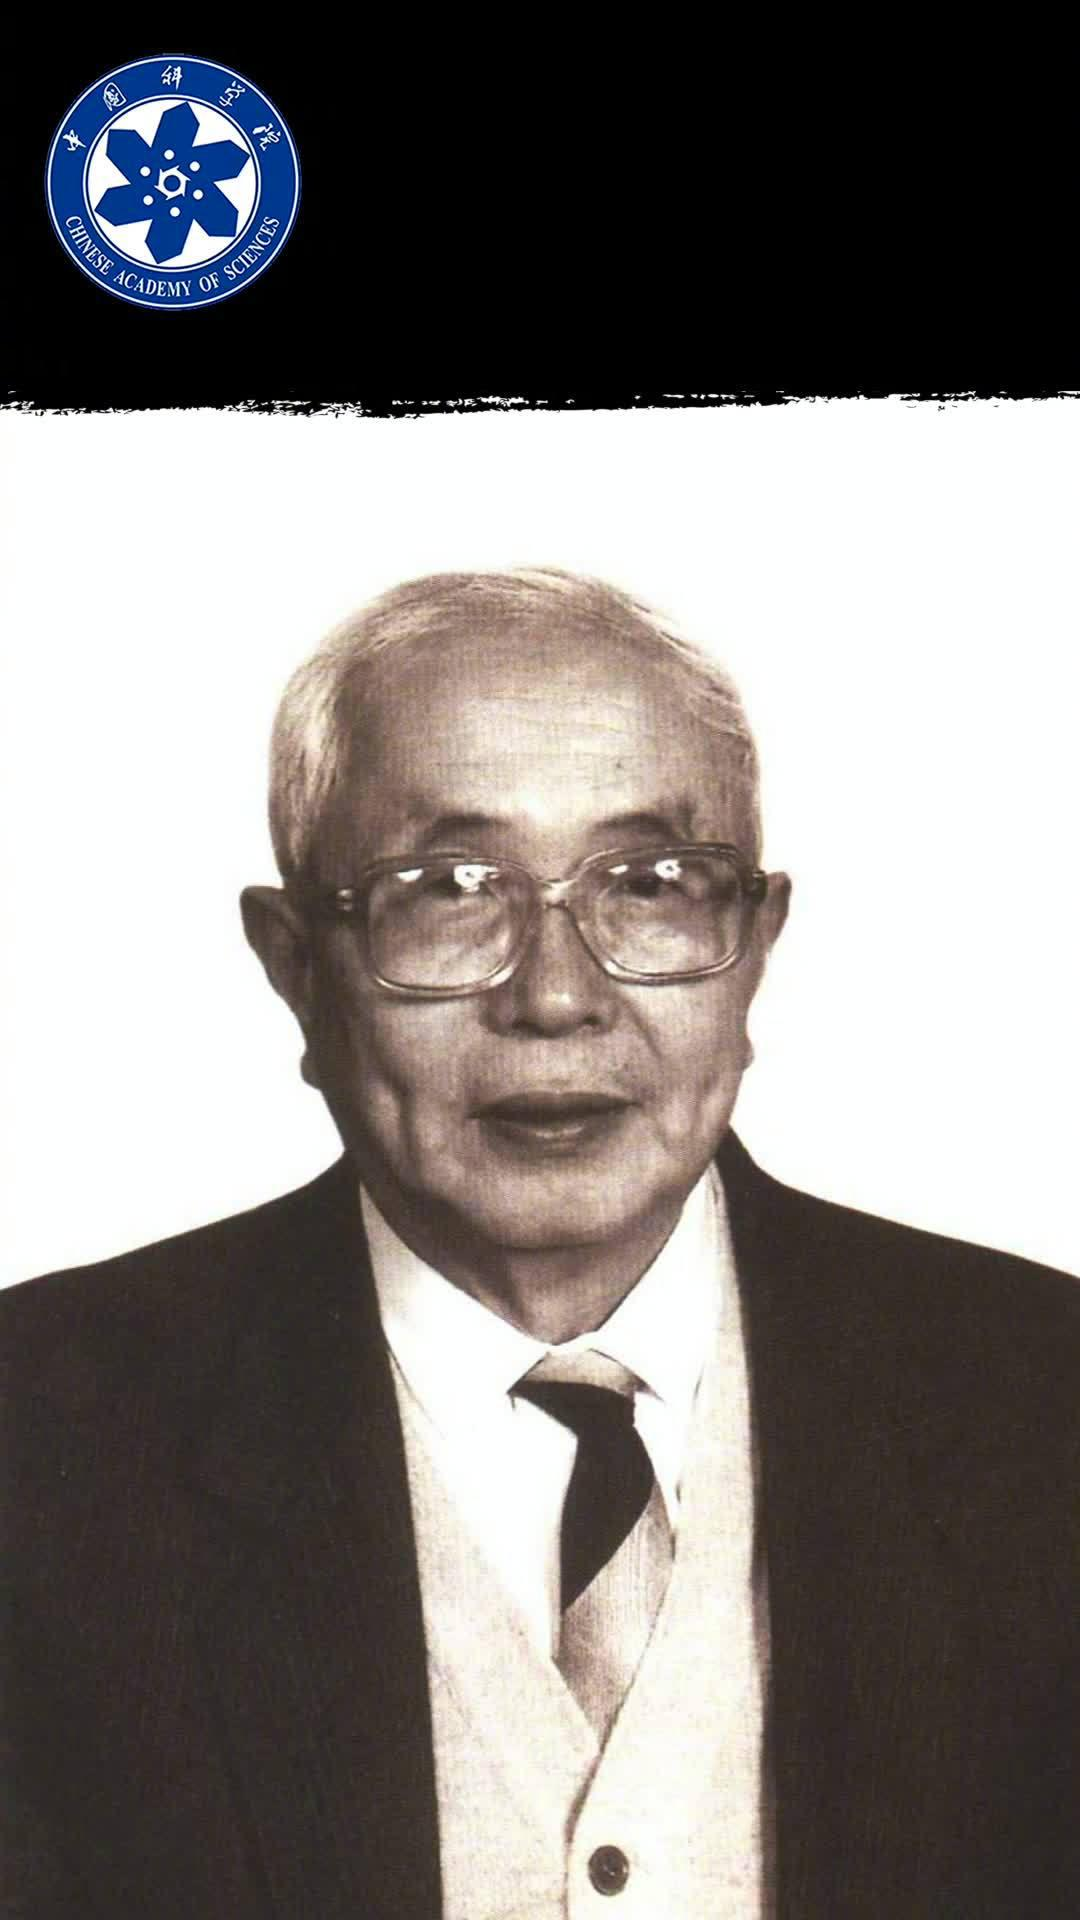 1920年11月29日,中科院院士、植物生理学家施教耐生于福建晋江……